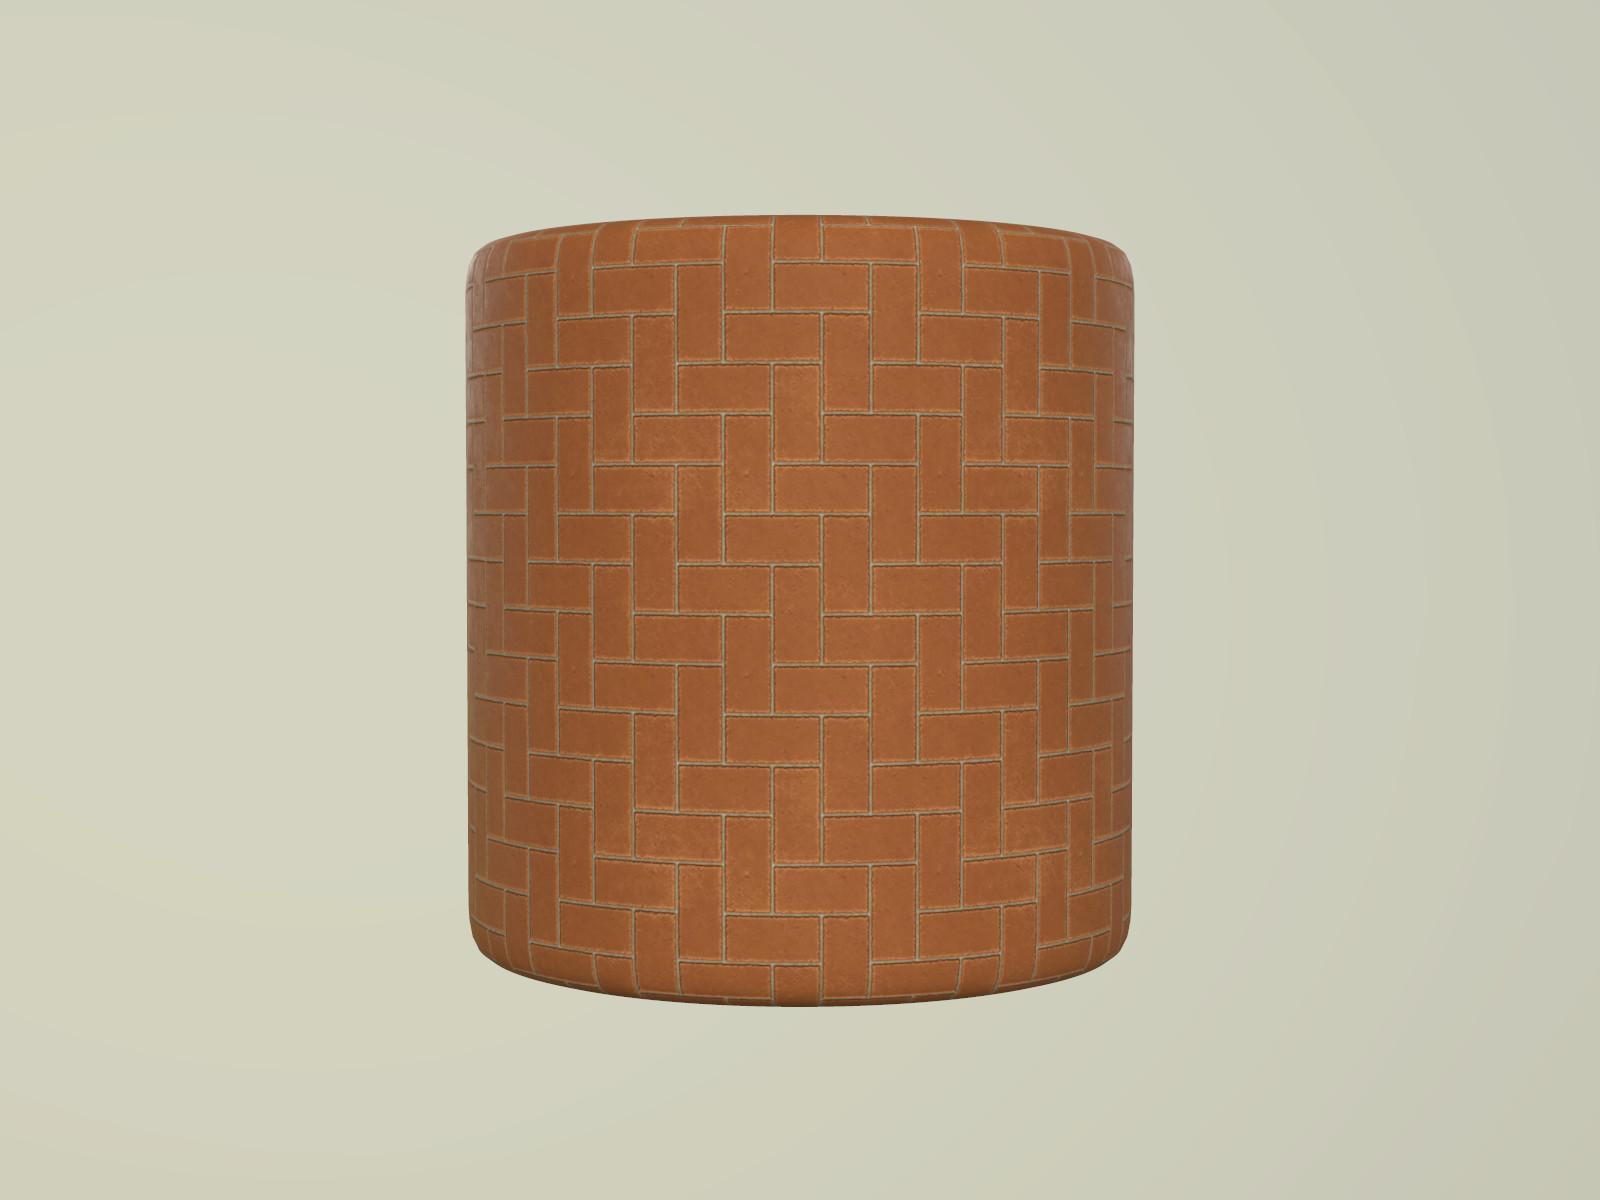 Terracotta Tiles Material